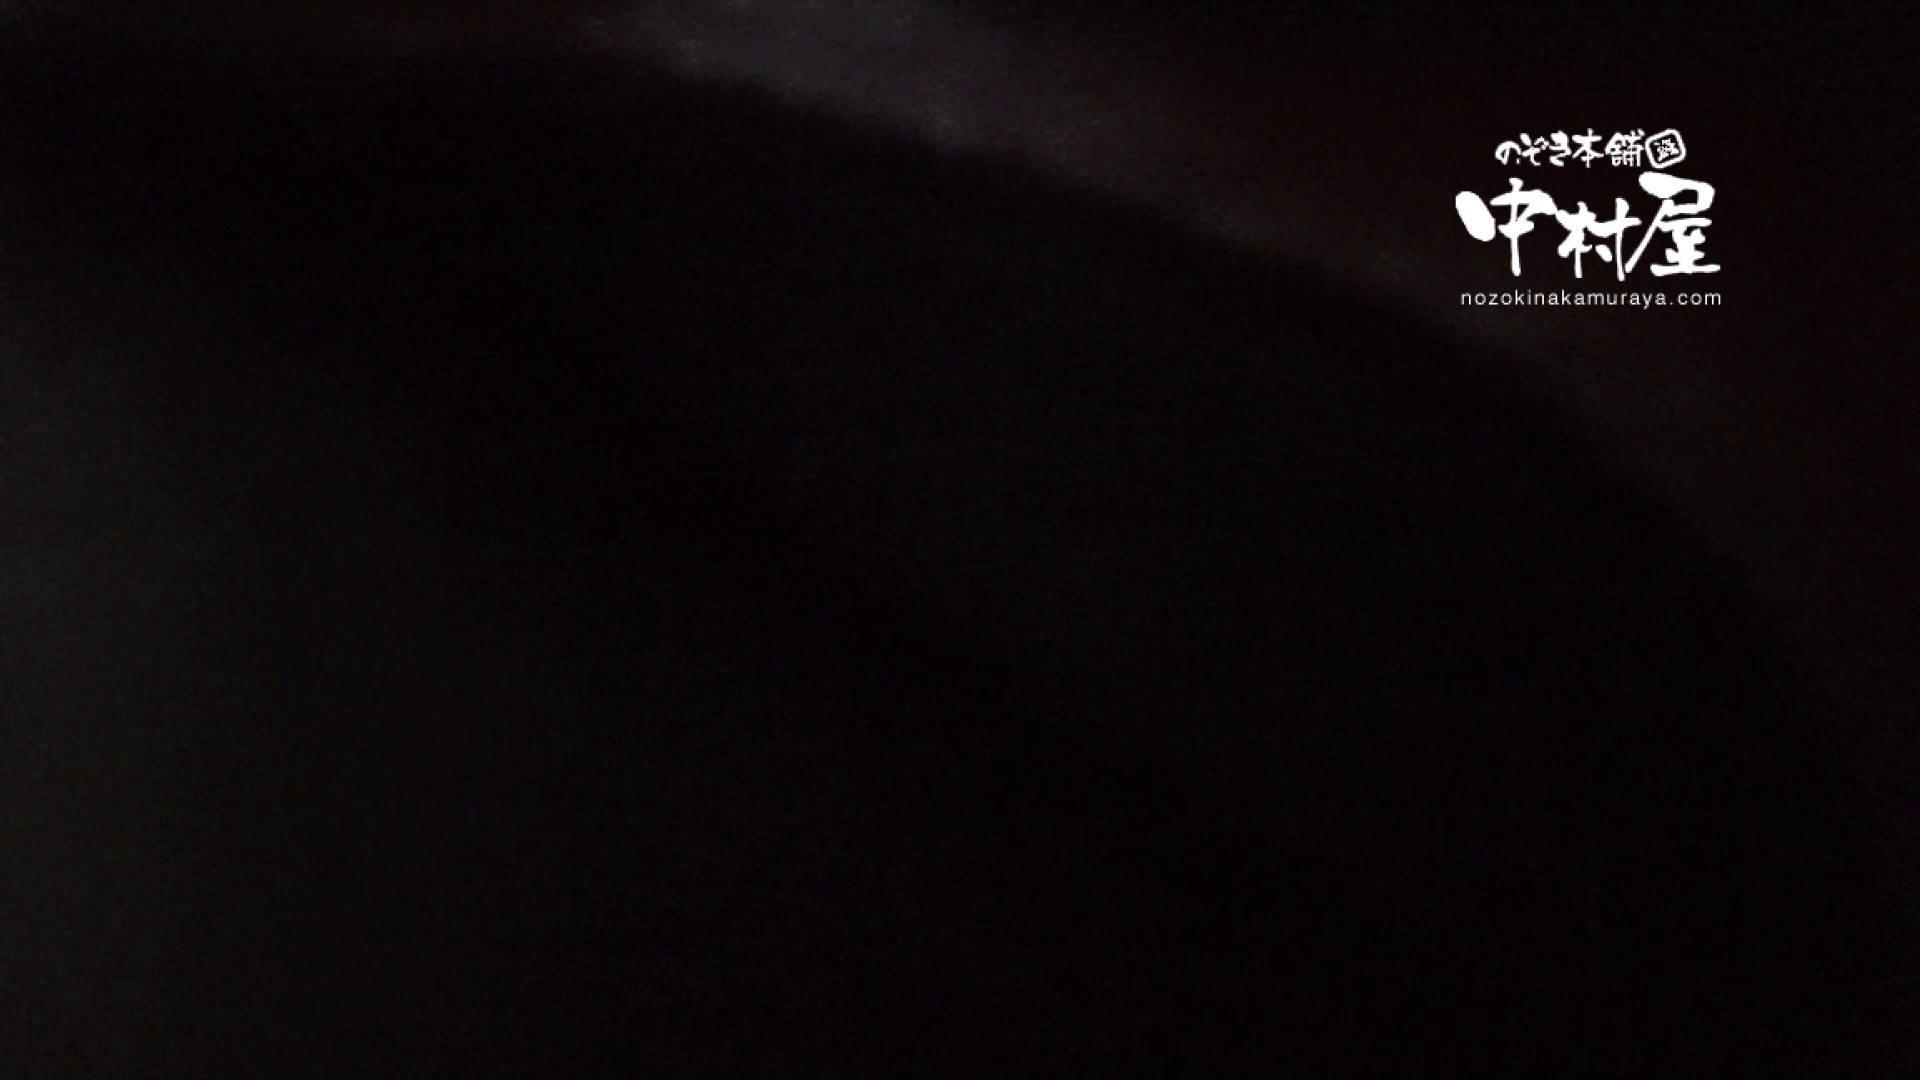 鬼畜 vol.15 ハスキーボイスで感じてんじゃねーよ! 前編 鬼畜   エッチなセックス  66画像 7